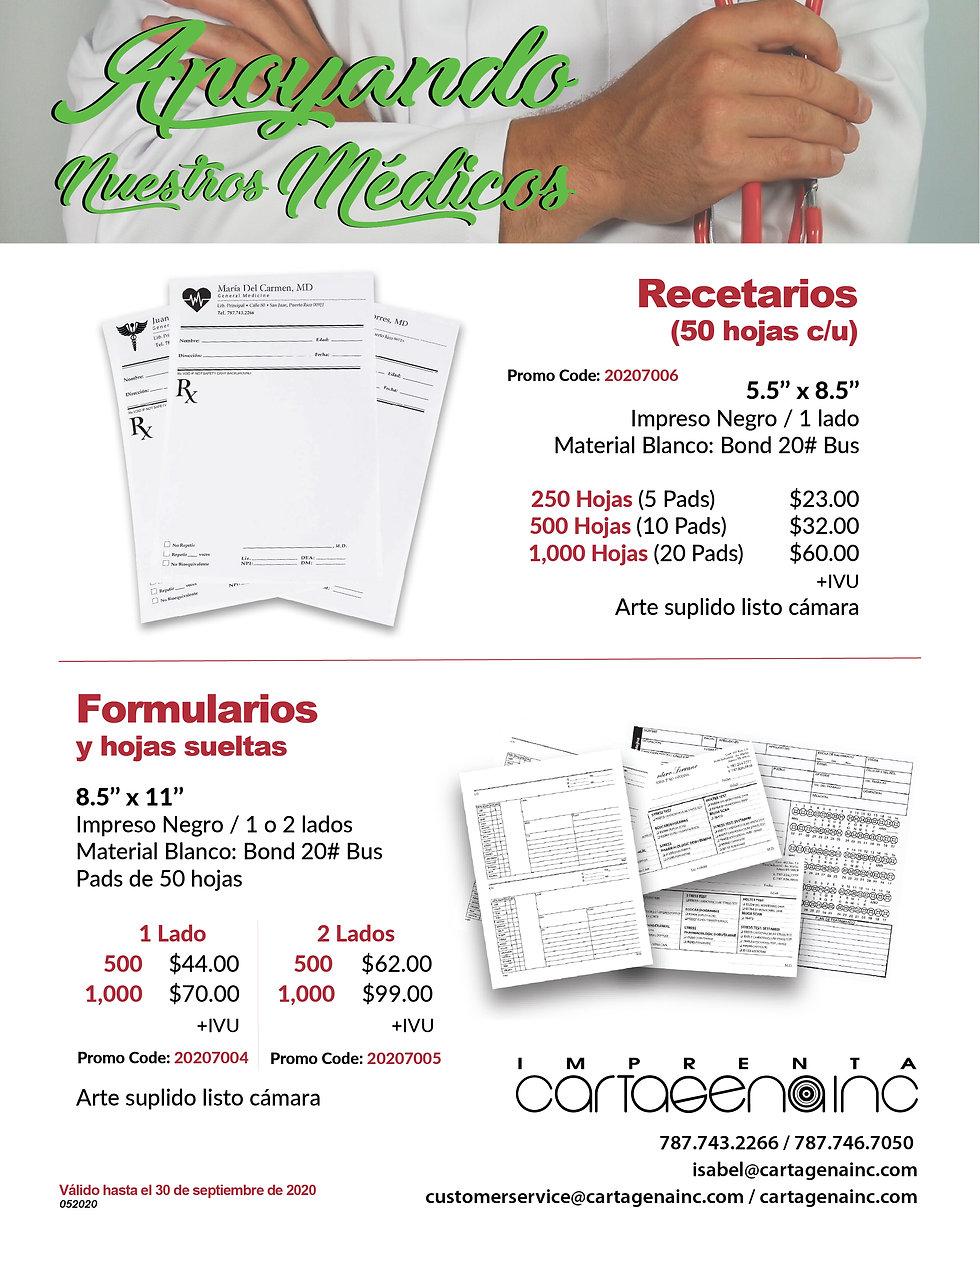 Formularios y recetarios medicos_Artboar